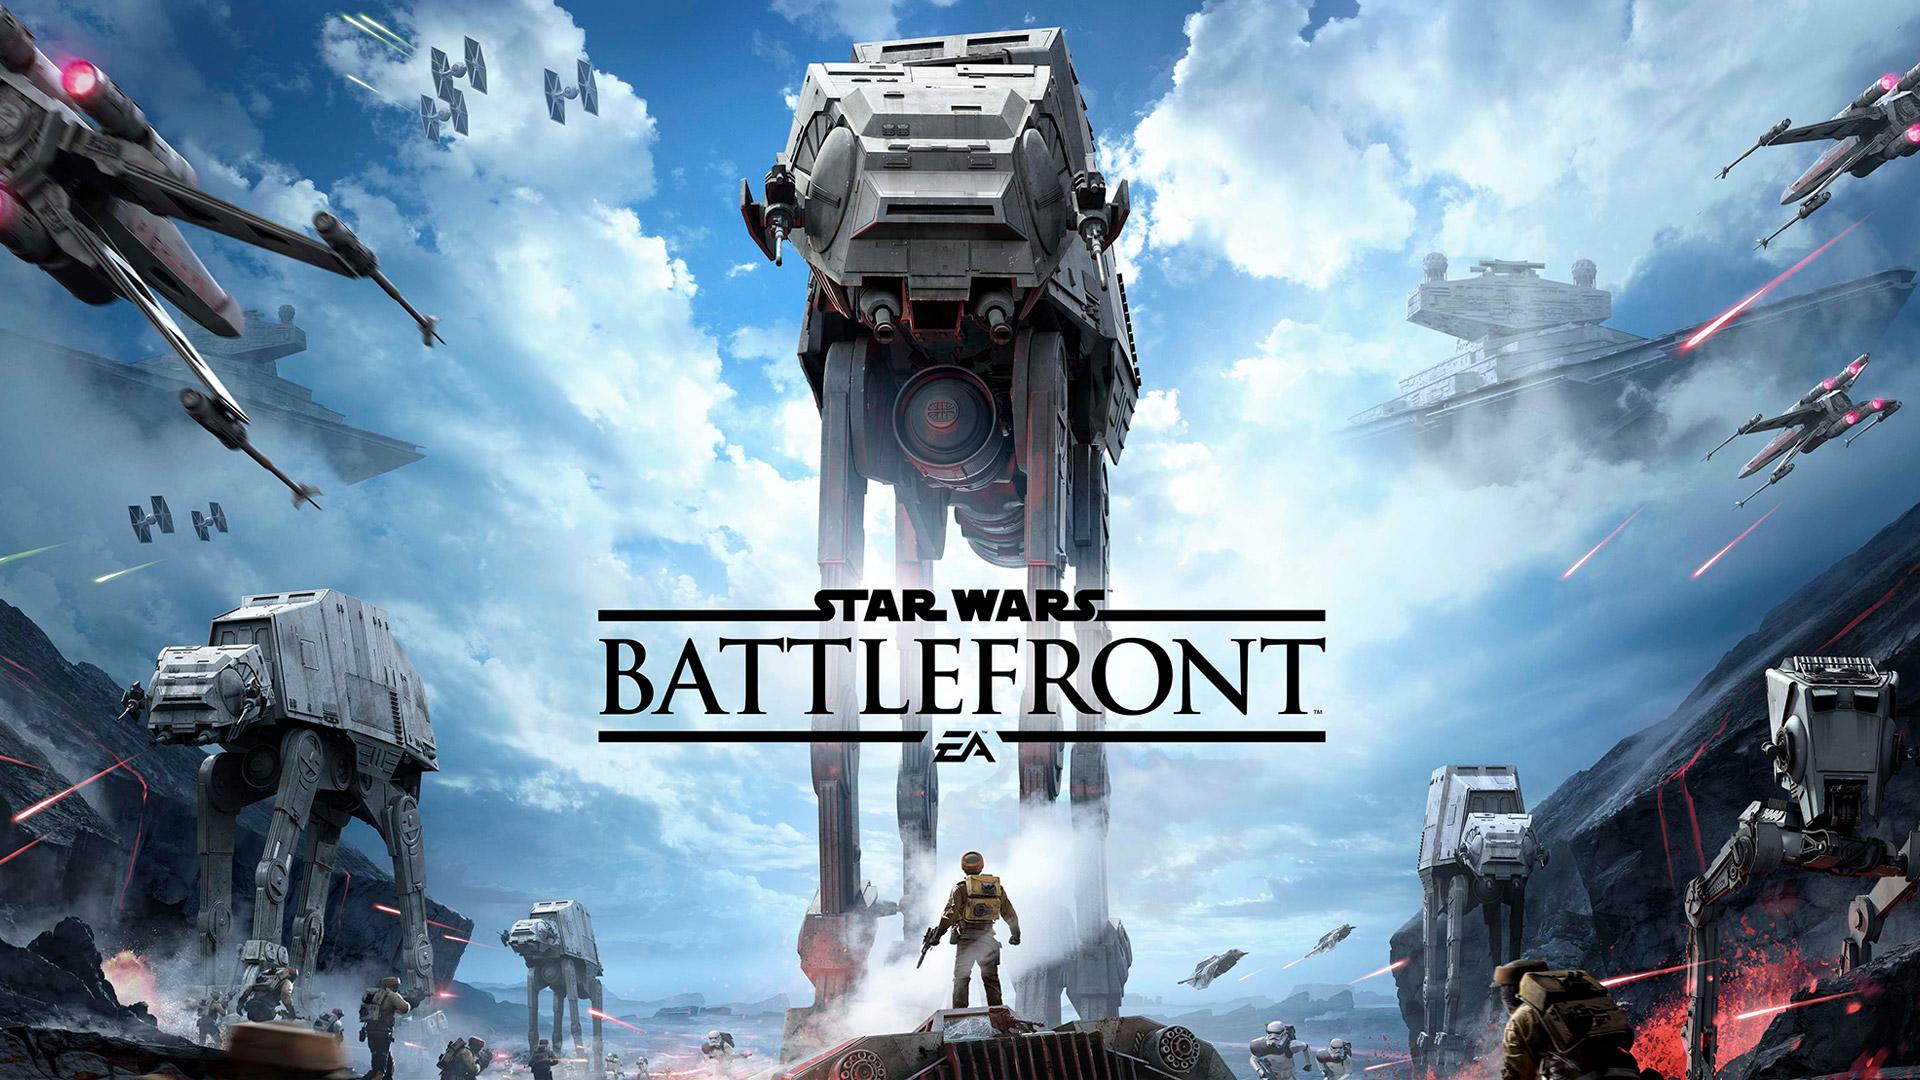 محتوای جدیدی برای Star Wars: Battlefront برنامهریزی نشده است